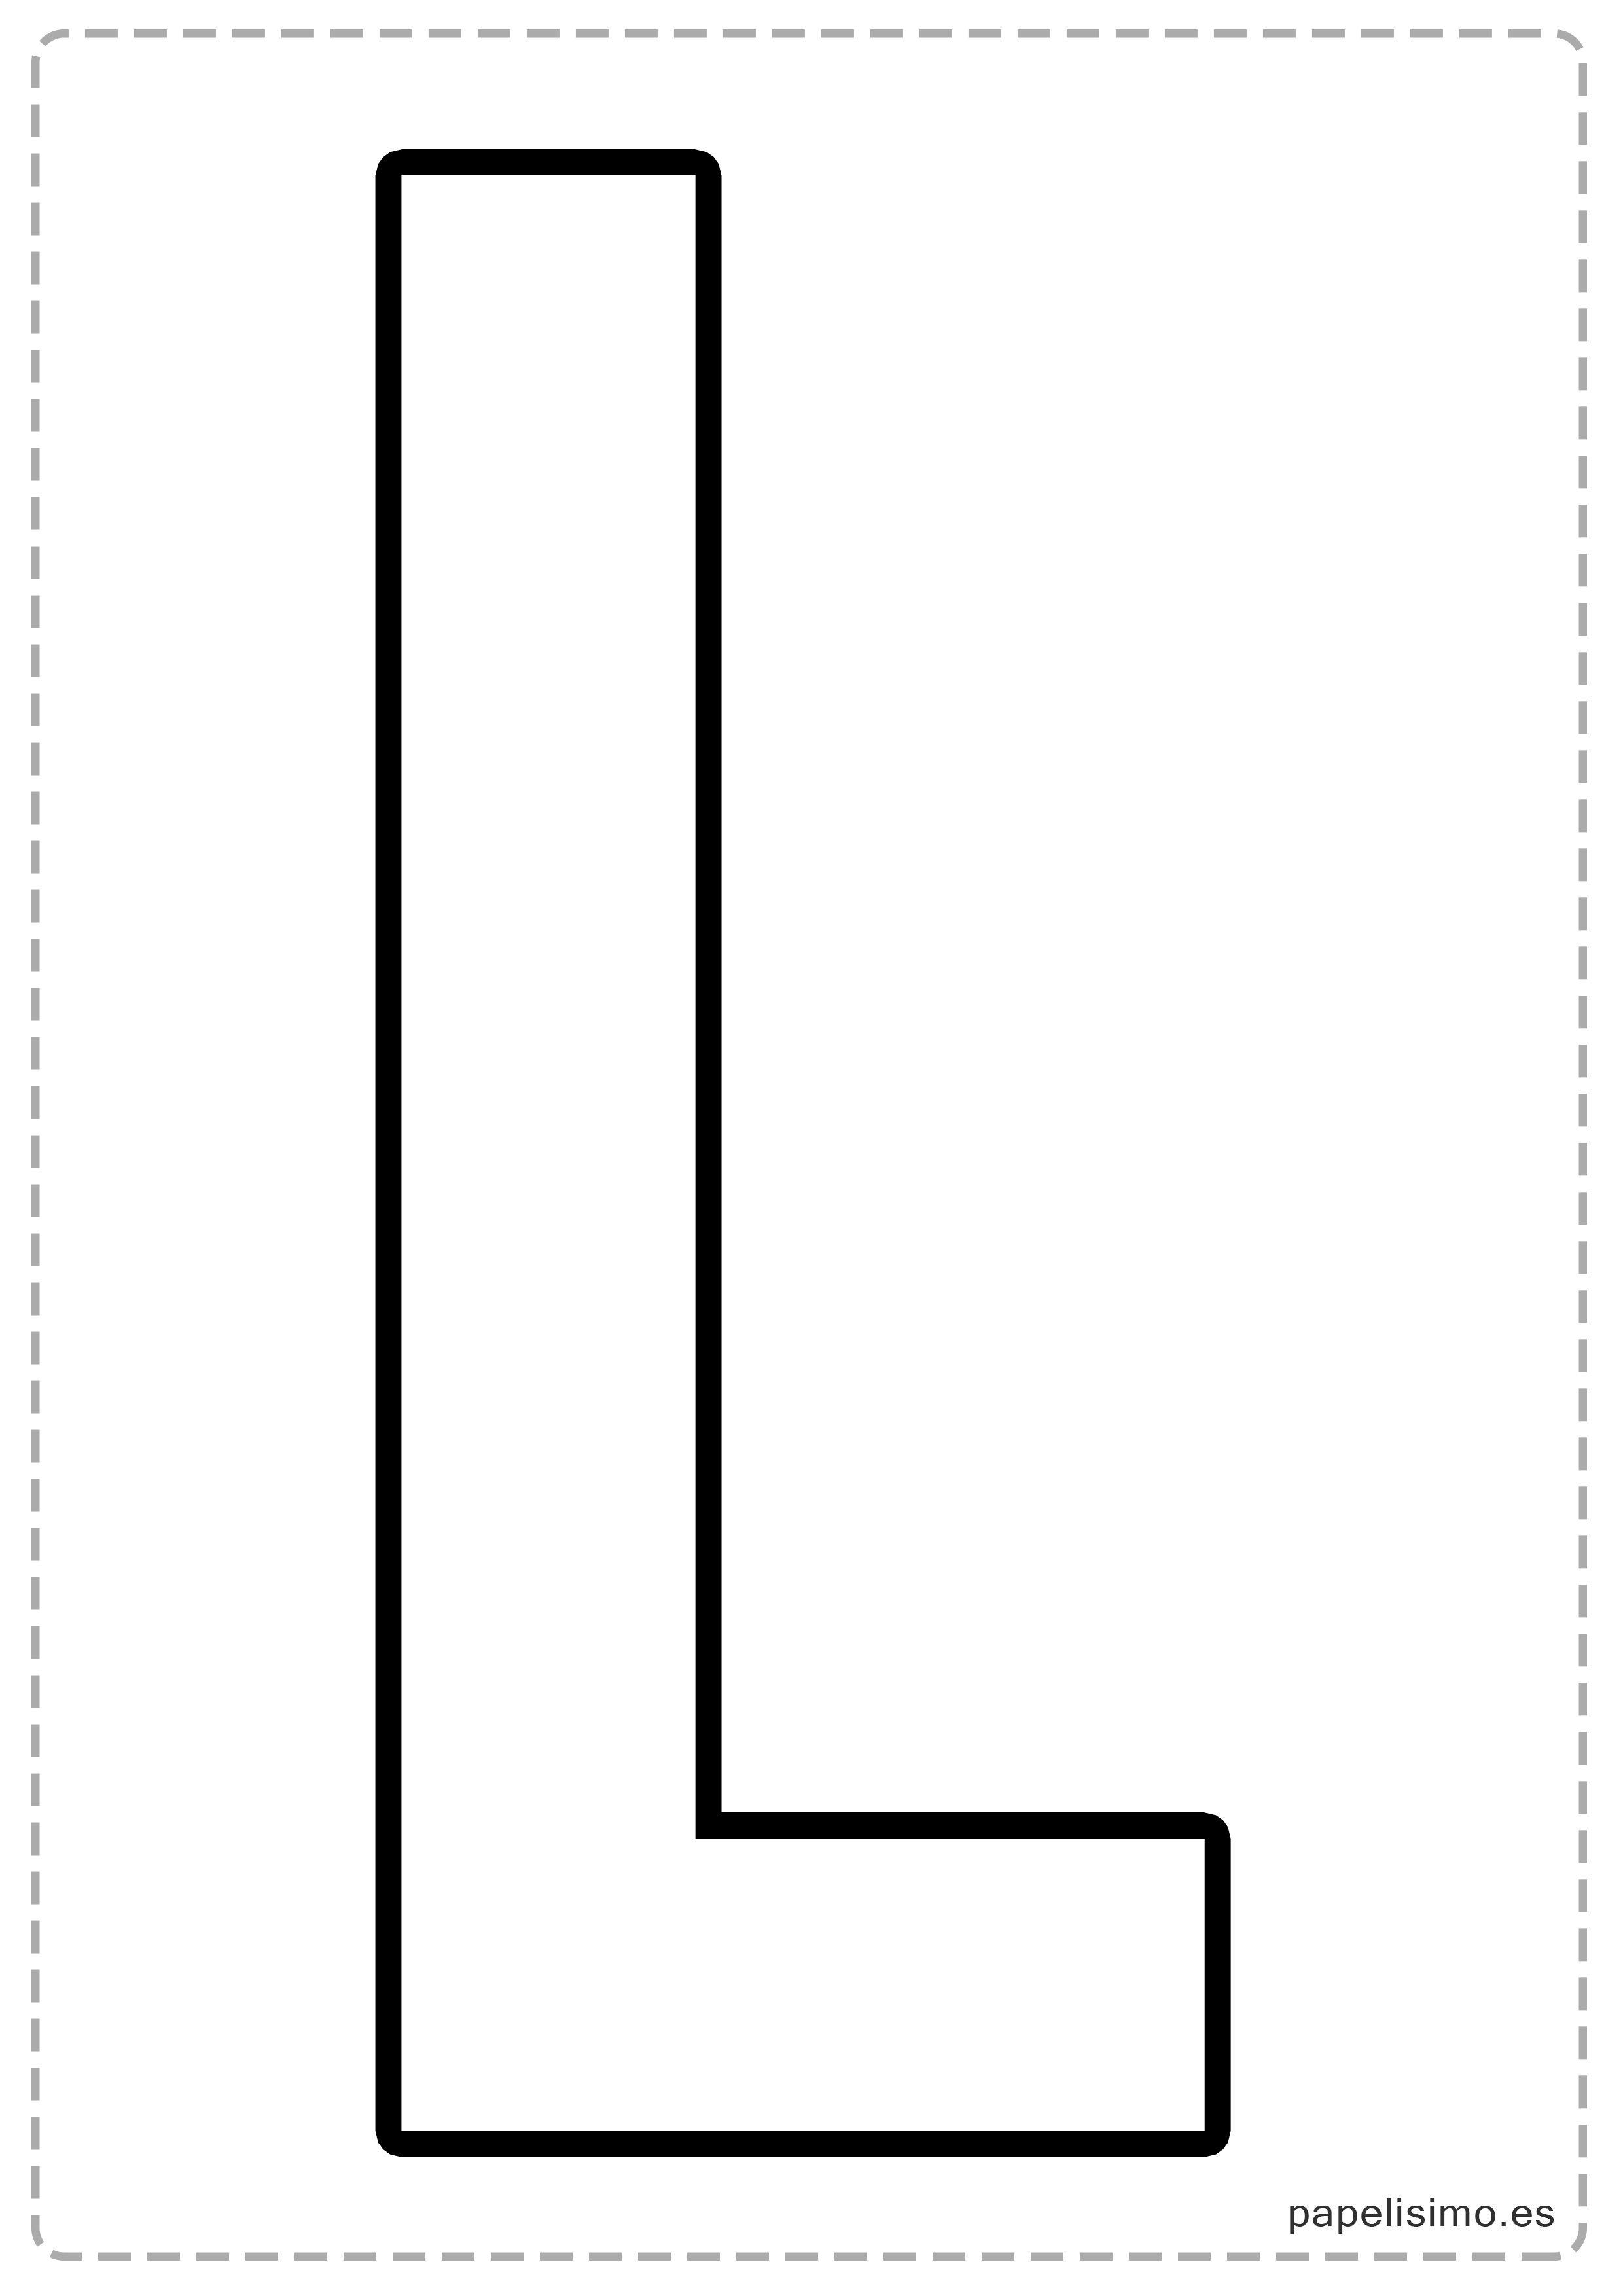 2018 】 🤙 IMAGENES DE LETRAS - fotos de letras w ⭐ imagenes de ...